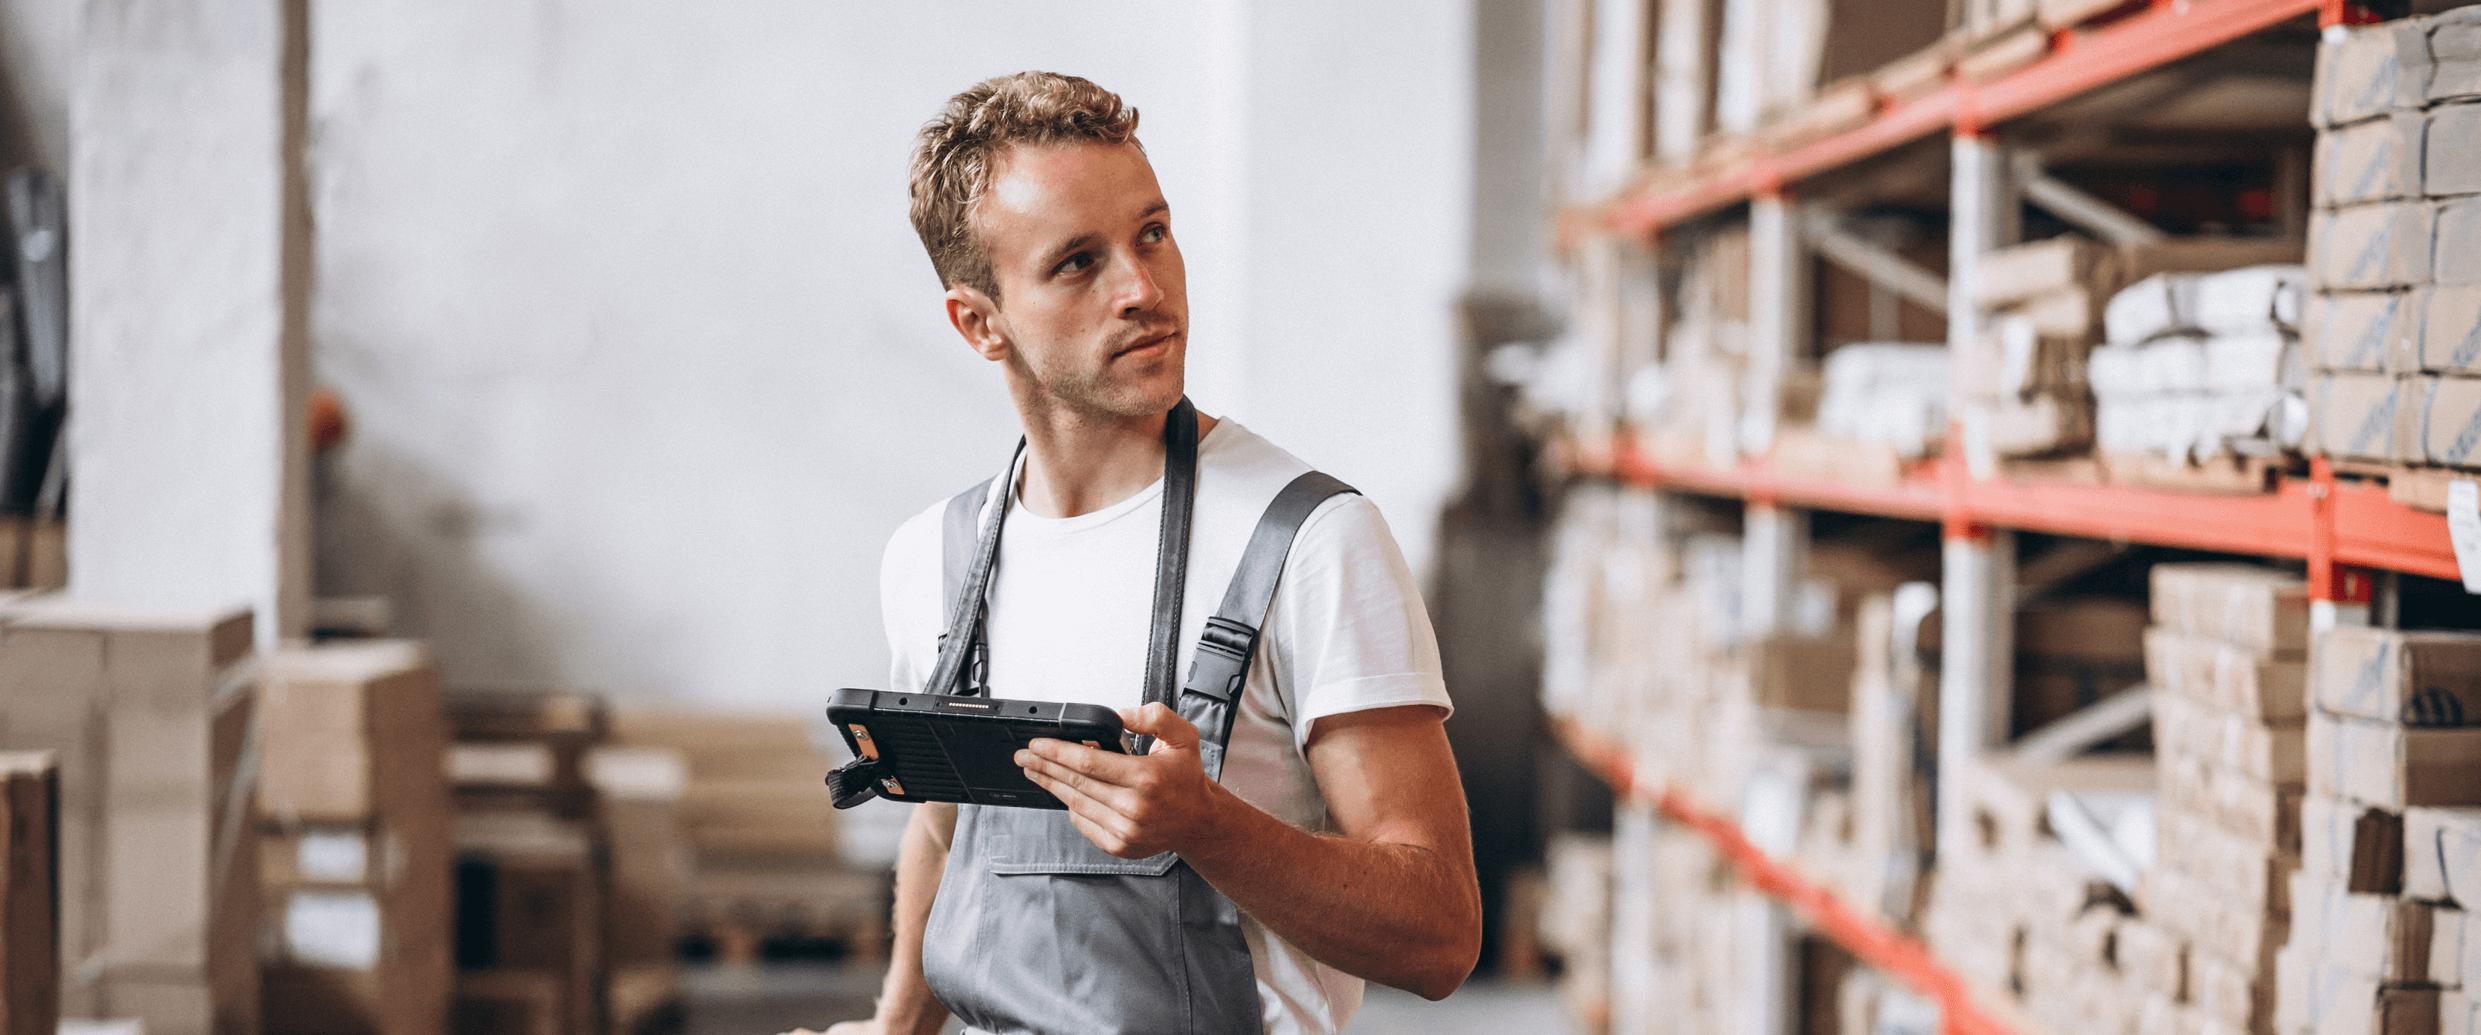 Agent d'entrepôt chez Amazon